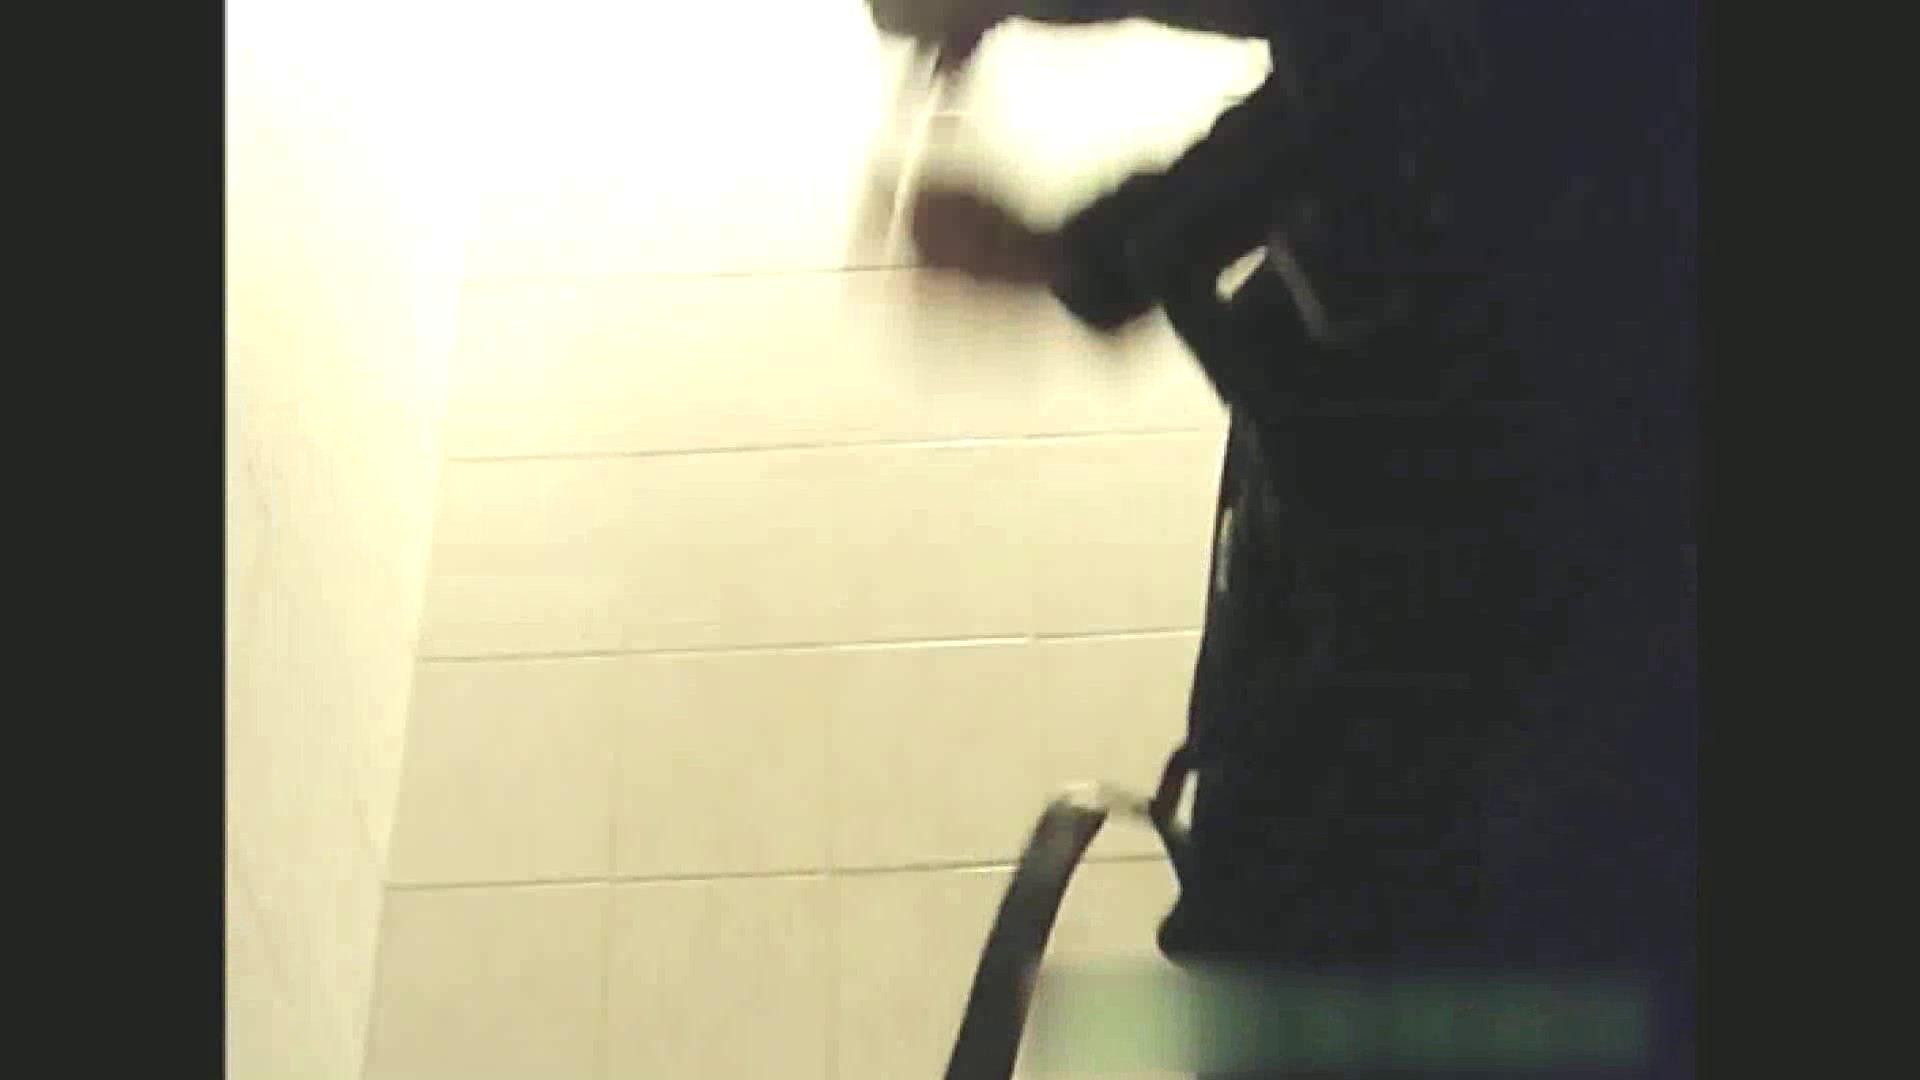 実録!!綺麗なお姉さんのトイレ事情・・・。vol.13 美しいOLの裸体 オメコ無修正動画無料 105pic 14